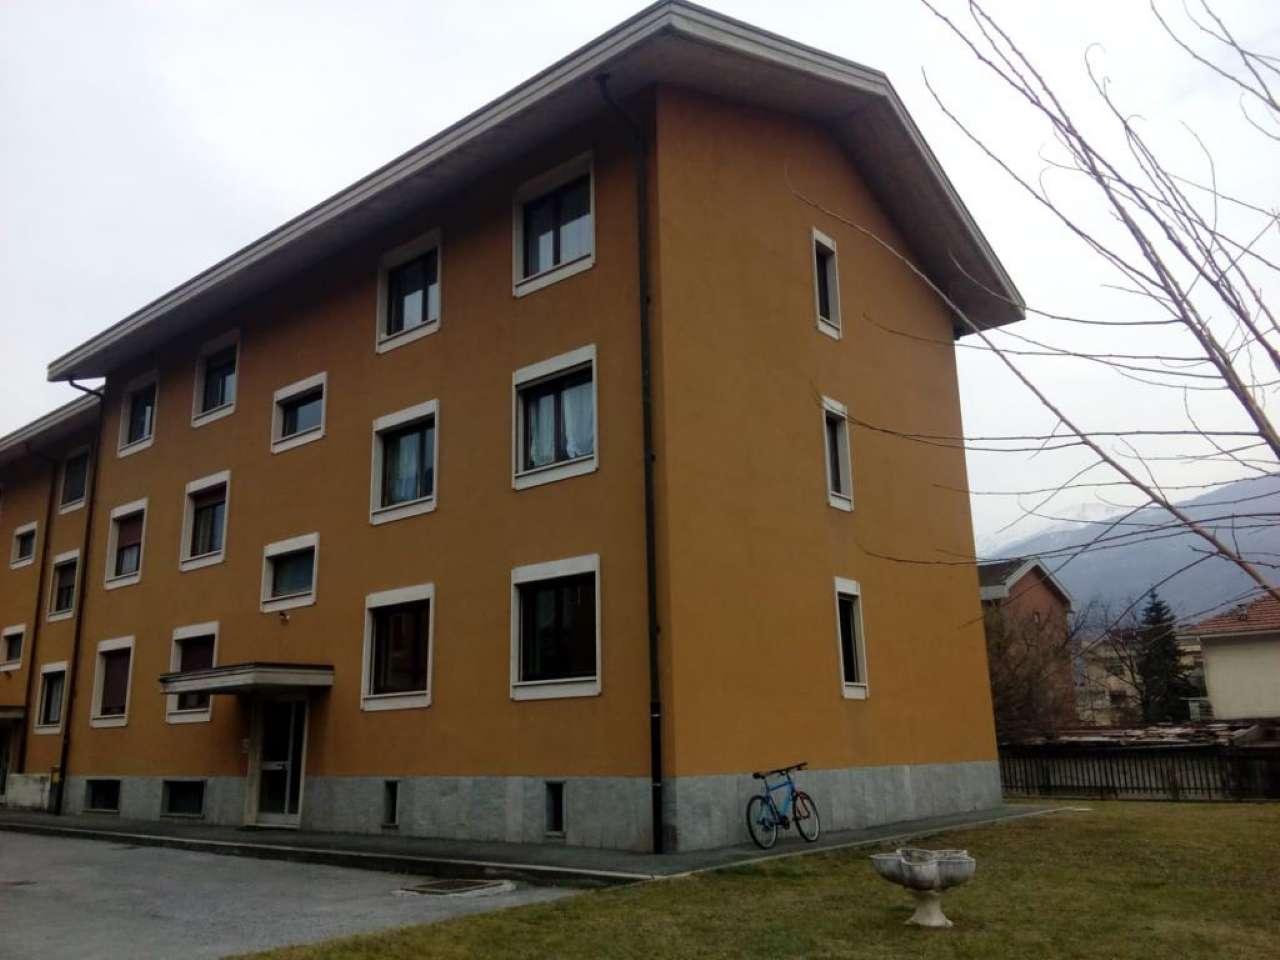 Appartamento in vendita a Bussoleno, 4 locali, prezzo € 53.000 | PortaleAgenzieImmobiliari.it